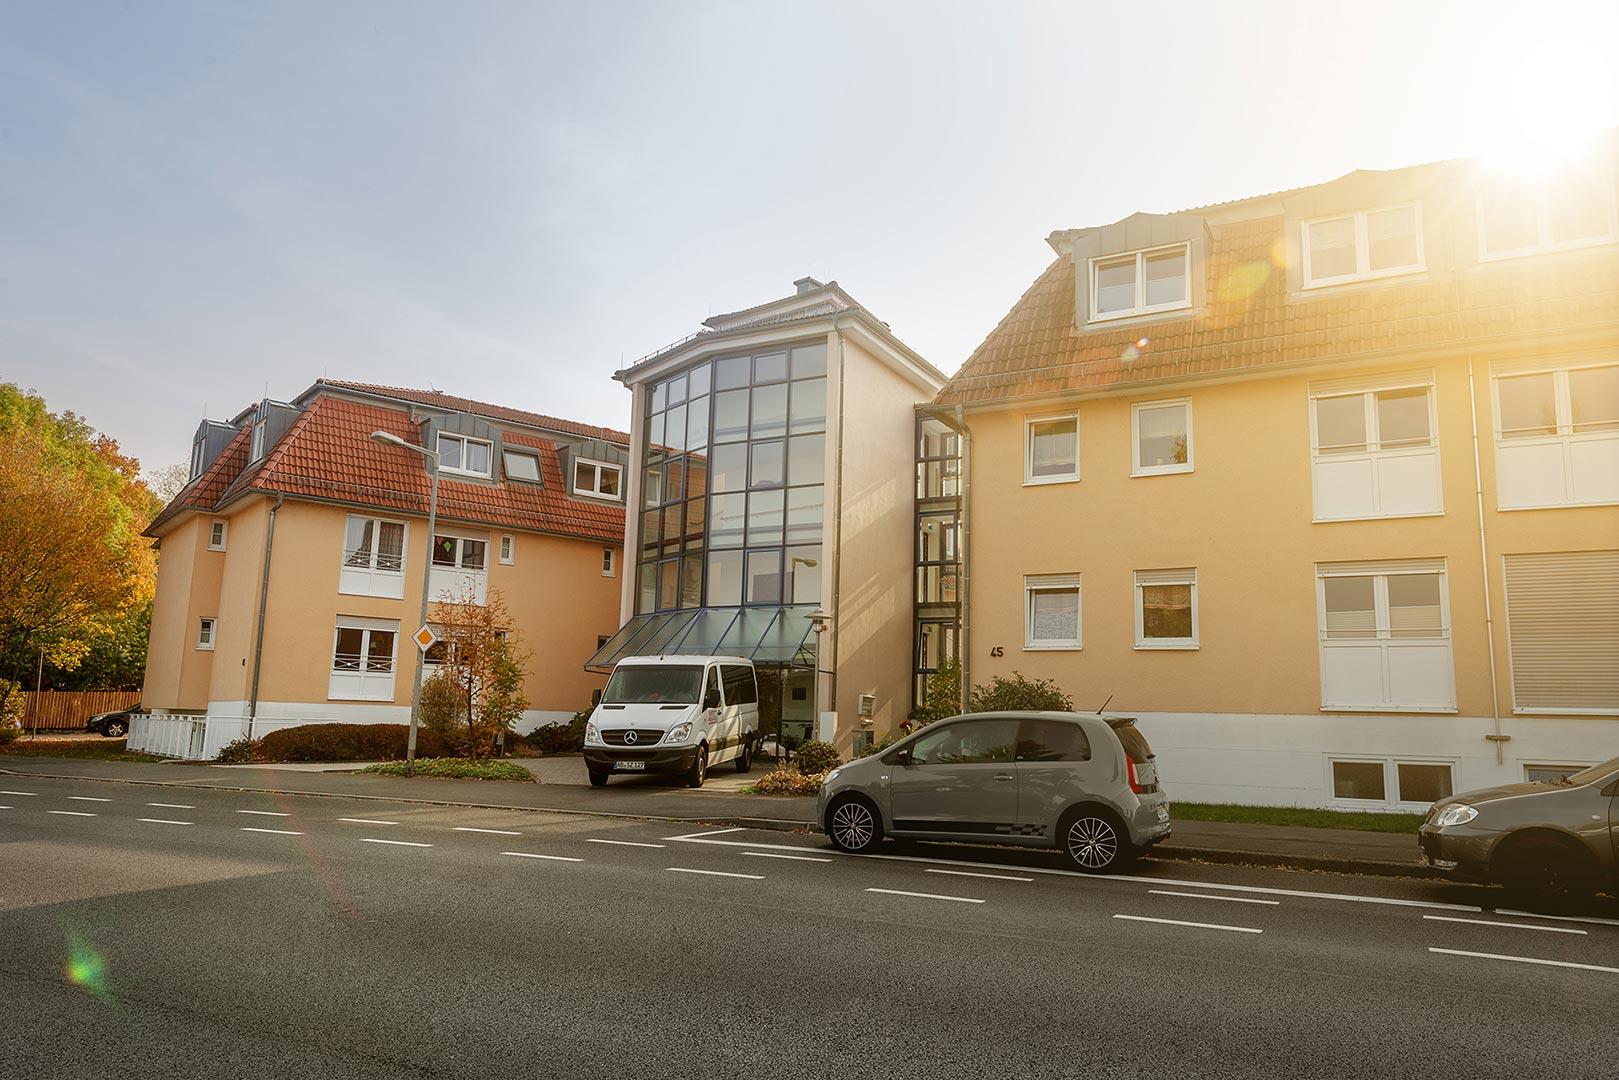 LHWS – Gemeinschaftliches Wohnen, Spessartstraße